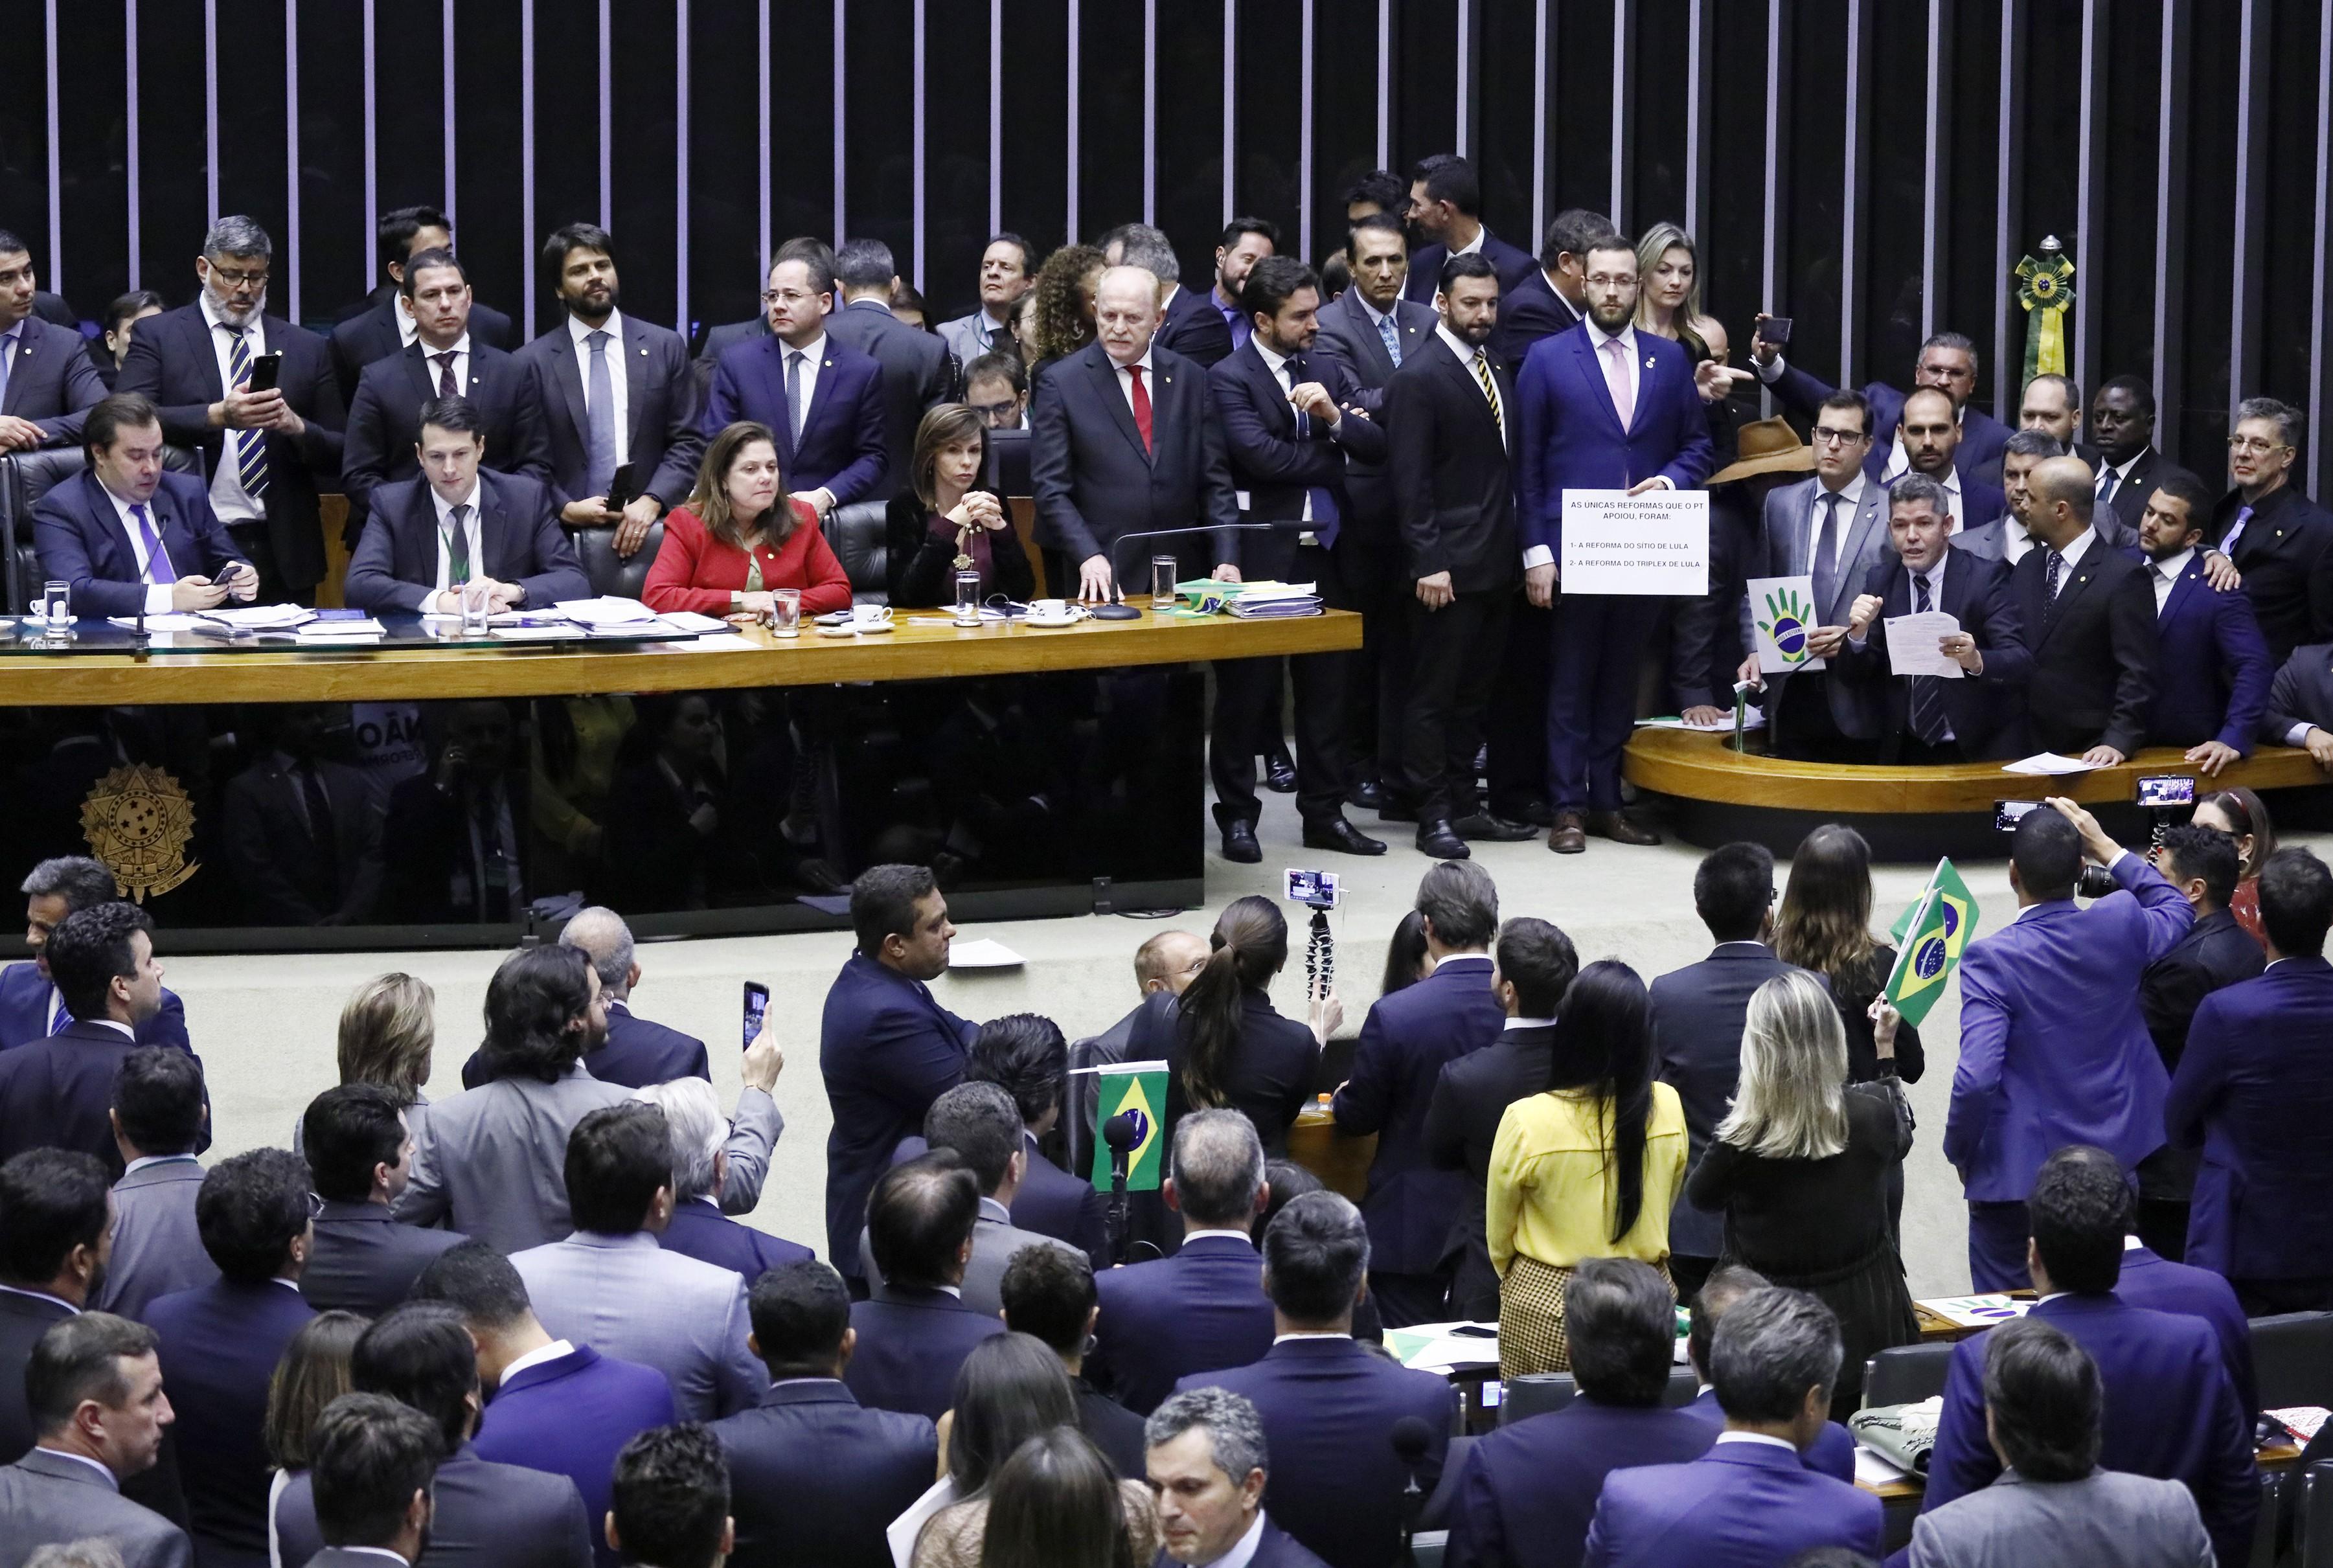 Votação do texto-base da PEC 6/2019 - Reforma da Previdência plenário (Foto: Luis Macedo/Câmara dos Deputados)